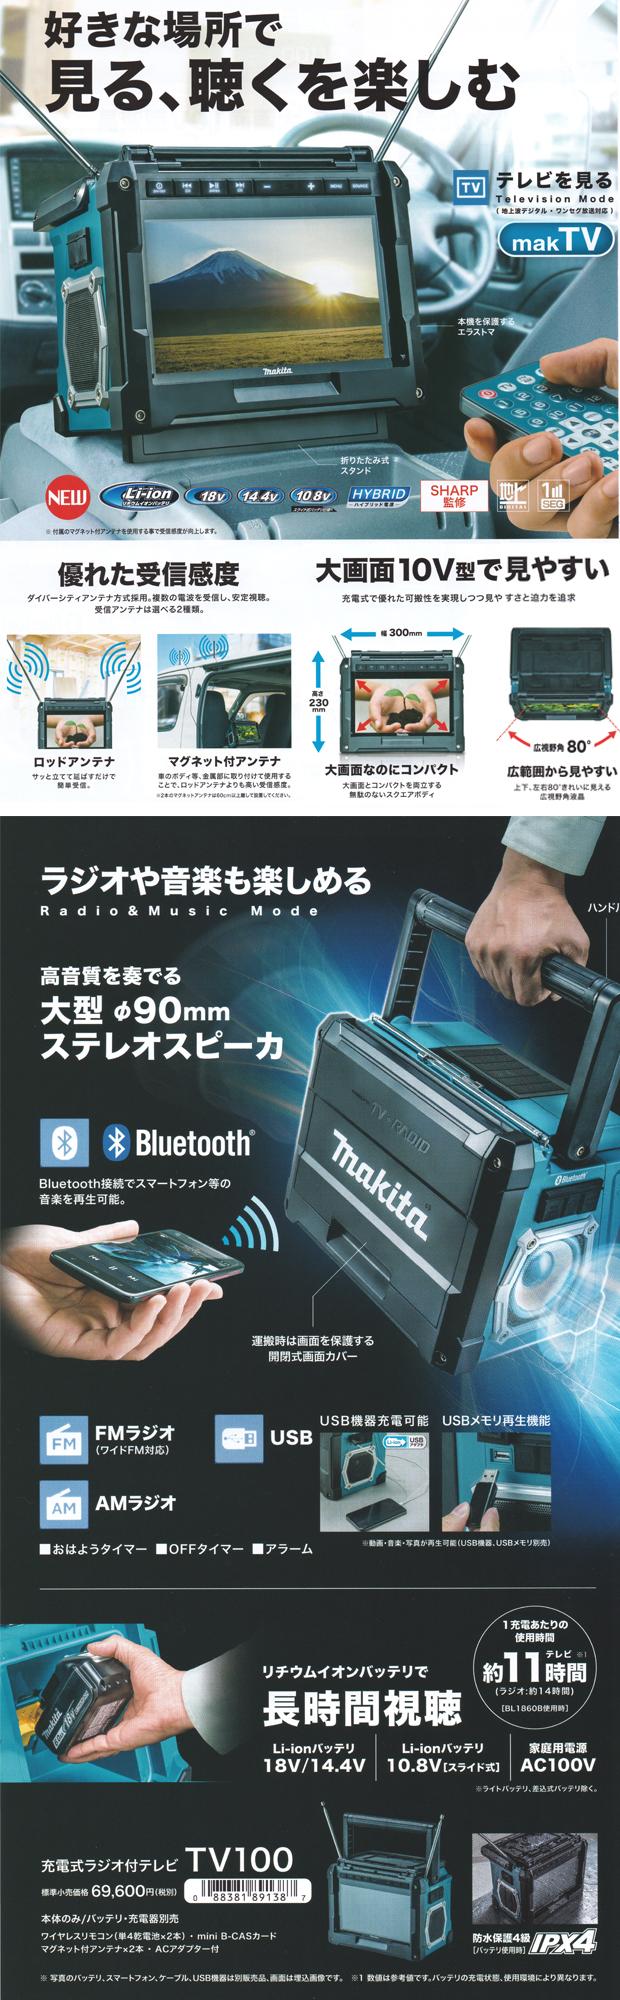 マキタ 充電式ラジオ付テレビ TV100